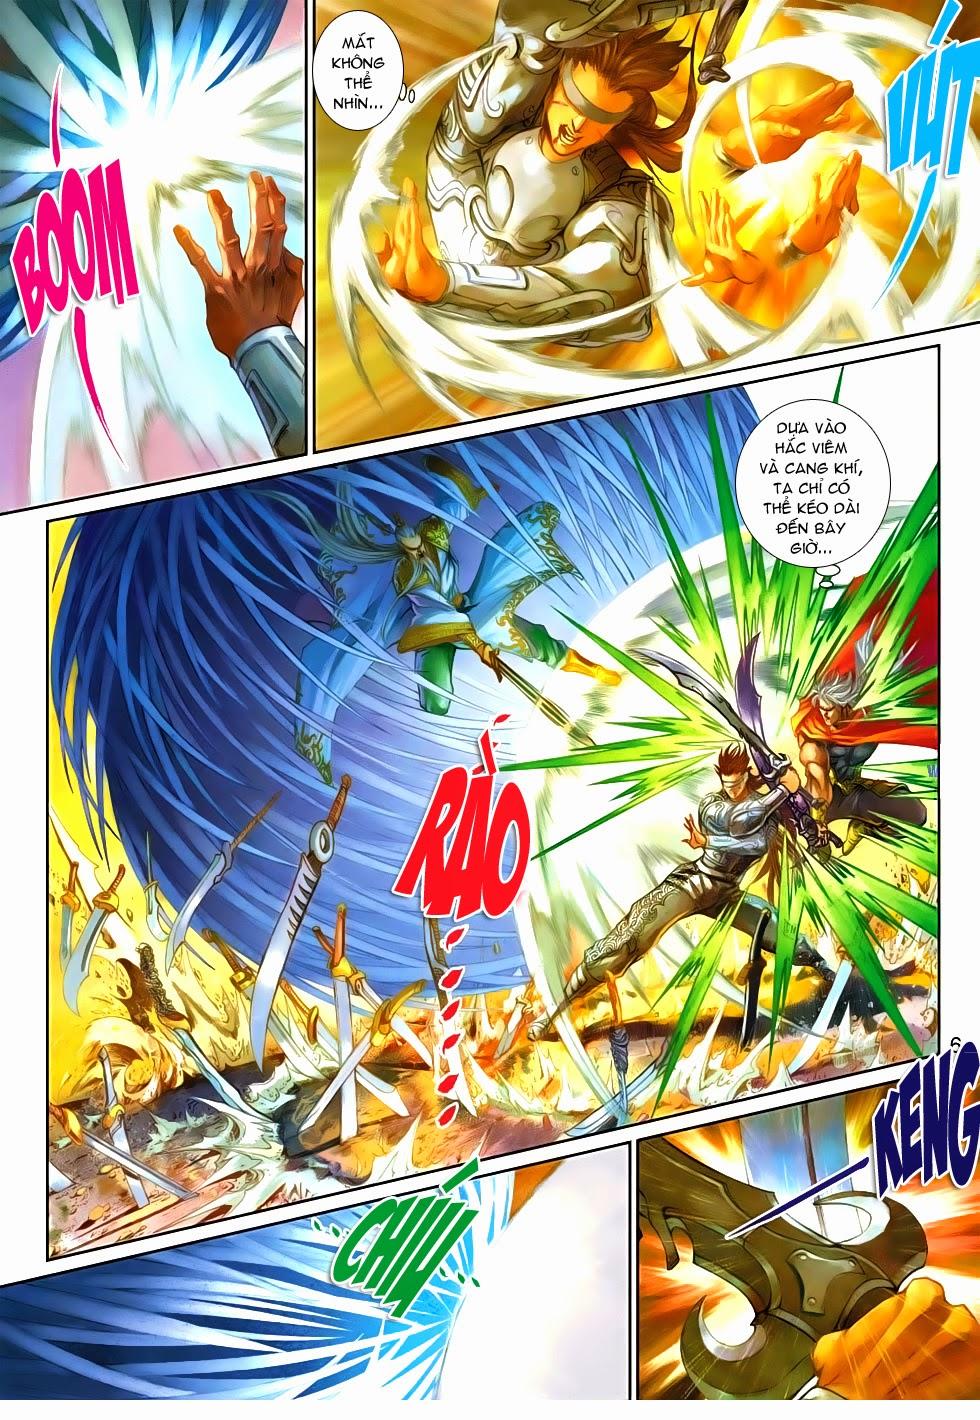 Thần Binh Tiền Truyện 4 - Huyền Thiên Tà Đế chap 9 - Trang 6